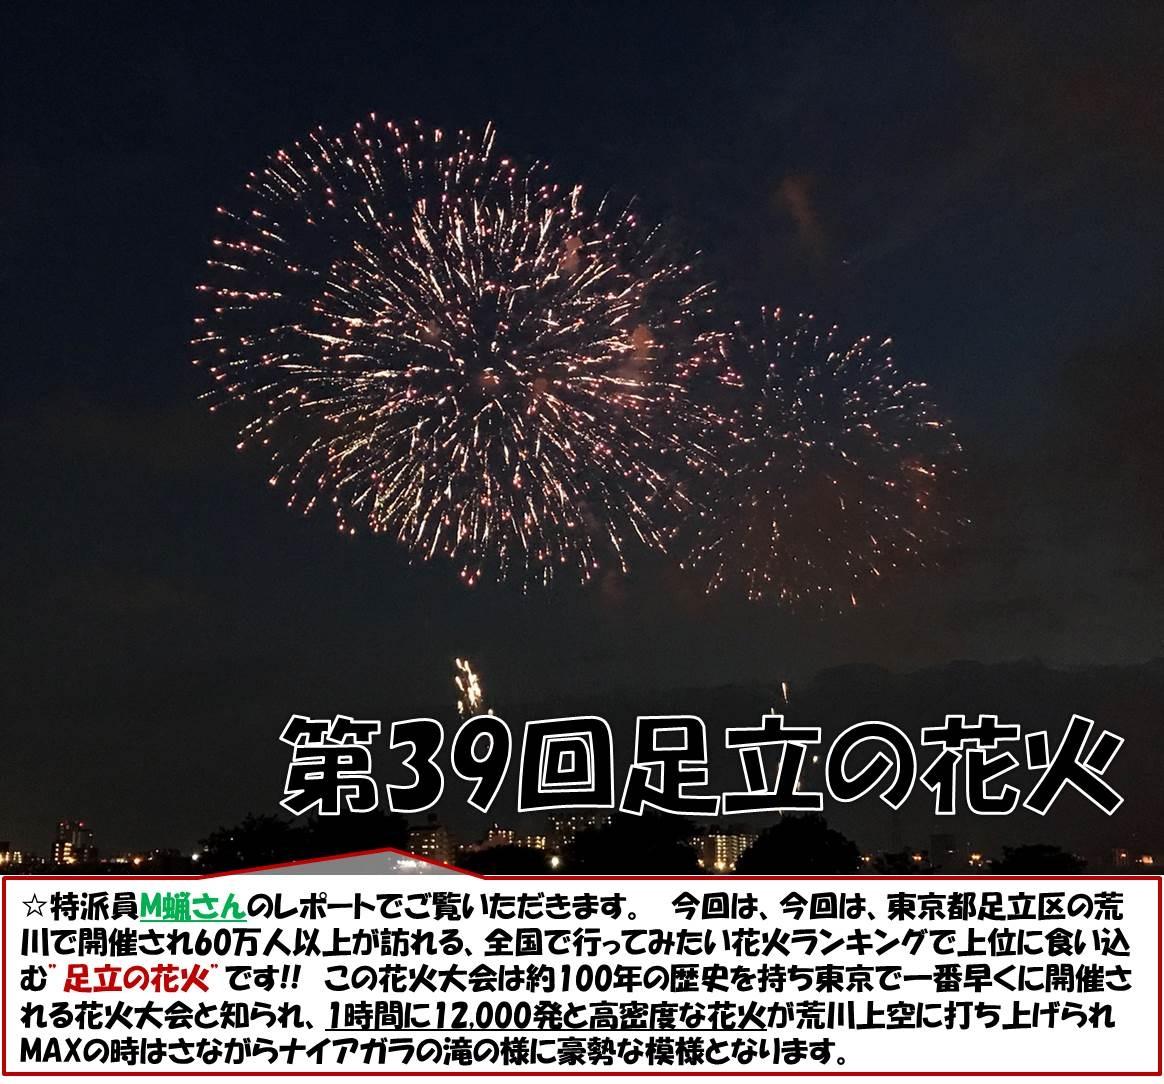 """39回足立の花火 ☆特派員M蝋さんのレポートでご覧いただきます。 今回は、今回は、東京都足立区の荒川で開催され60万人以上が訪れる、全国で行ってみたい花火ランキングで上位に食い込む""""足立の花火""""です!! この花火大会は約100年の歴史を持ち東京で一番早くに開催される花火大会と知られ、1時間に12,000発と高密度な花火が荒川上空に打ち上げられMAXの時はさながらナイアガラの滝の様に豪勢な模様となります。"""